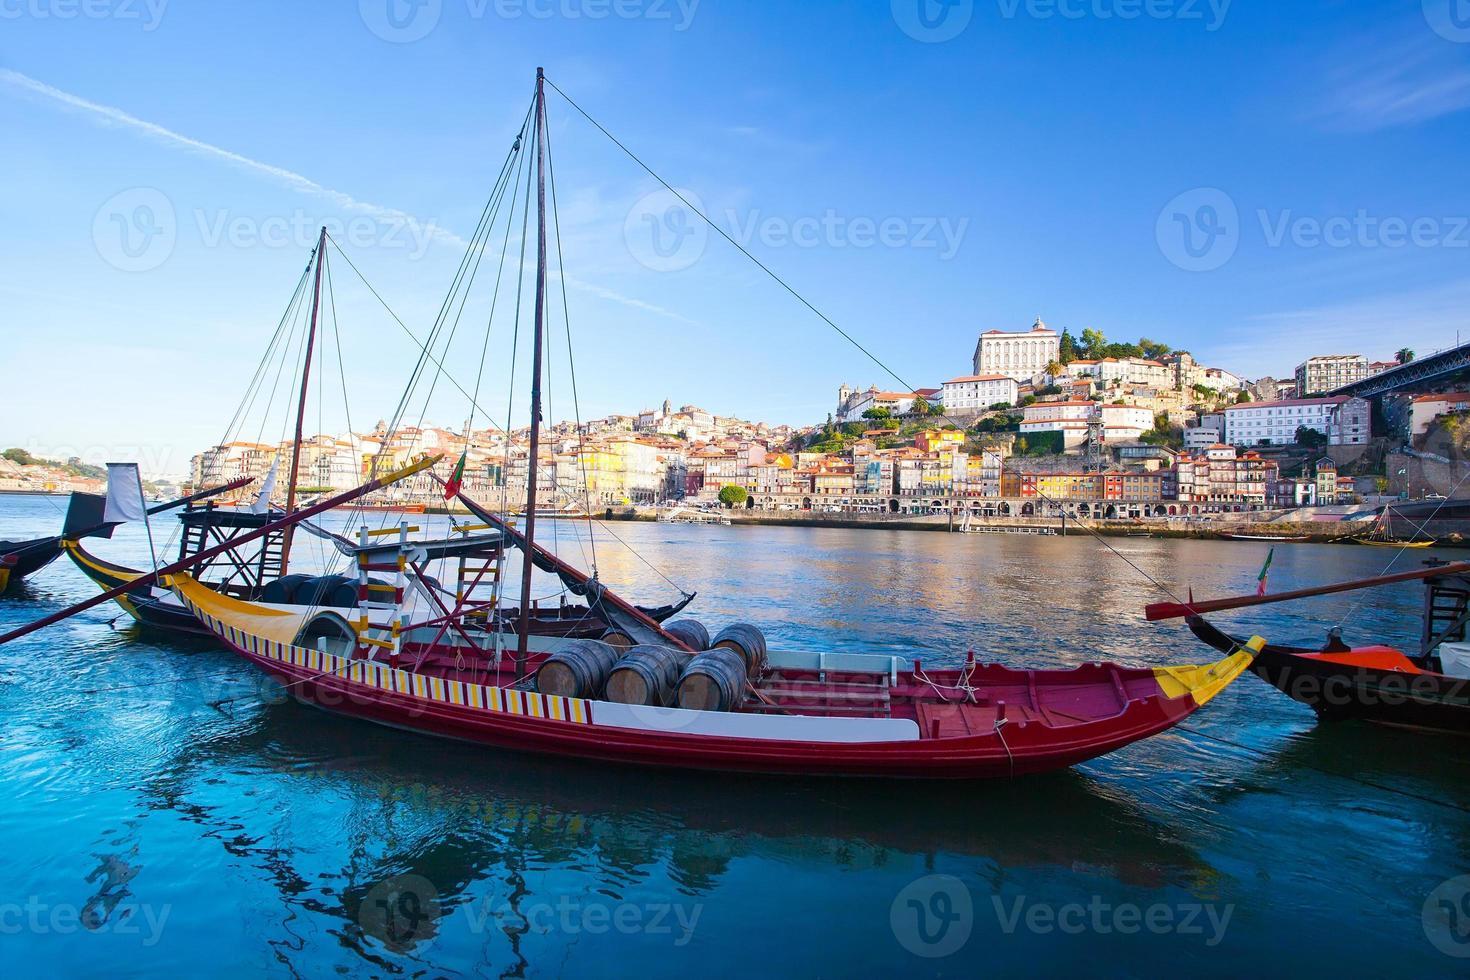 porto antigo e barcos tradicionais com barricas de vinho, portugal foto